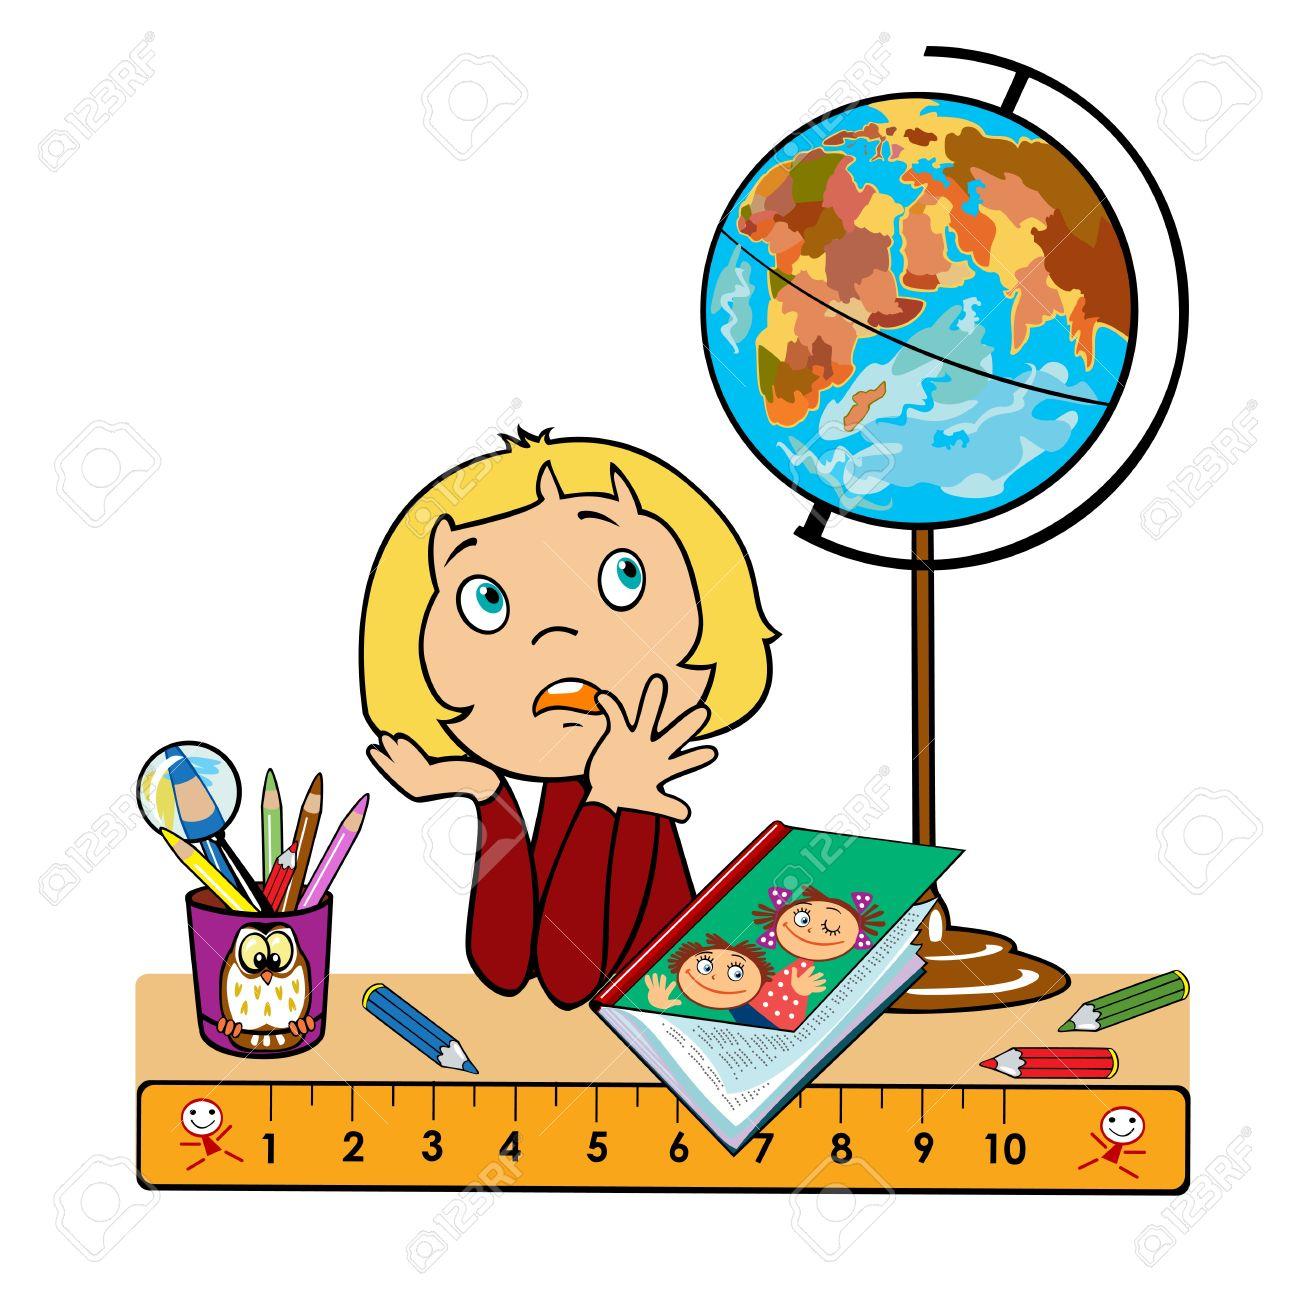 Tisch schule clipart  Schule Mädchen Sitzt Am Tisch Mit Globus, Buch Und Eine Tasse Mit ...